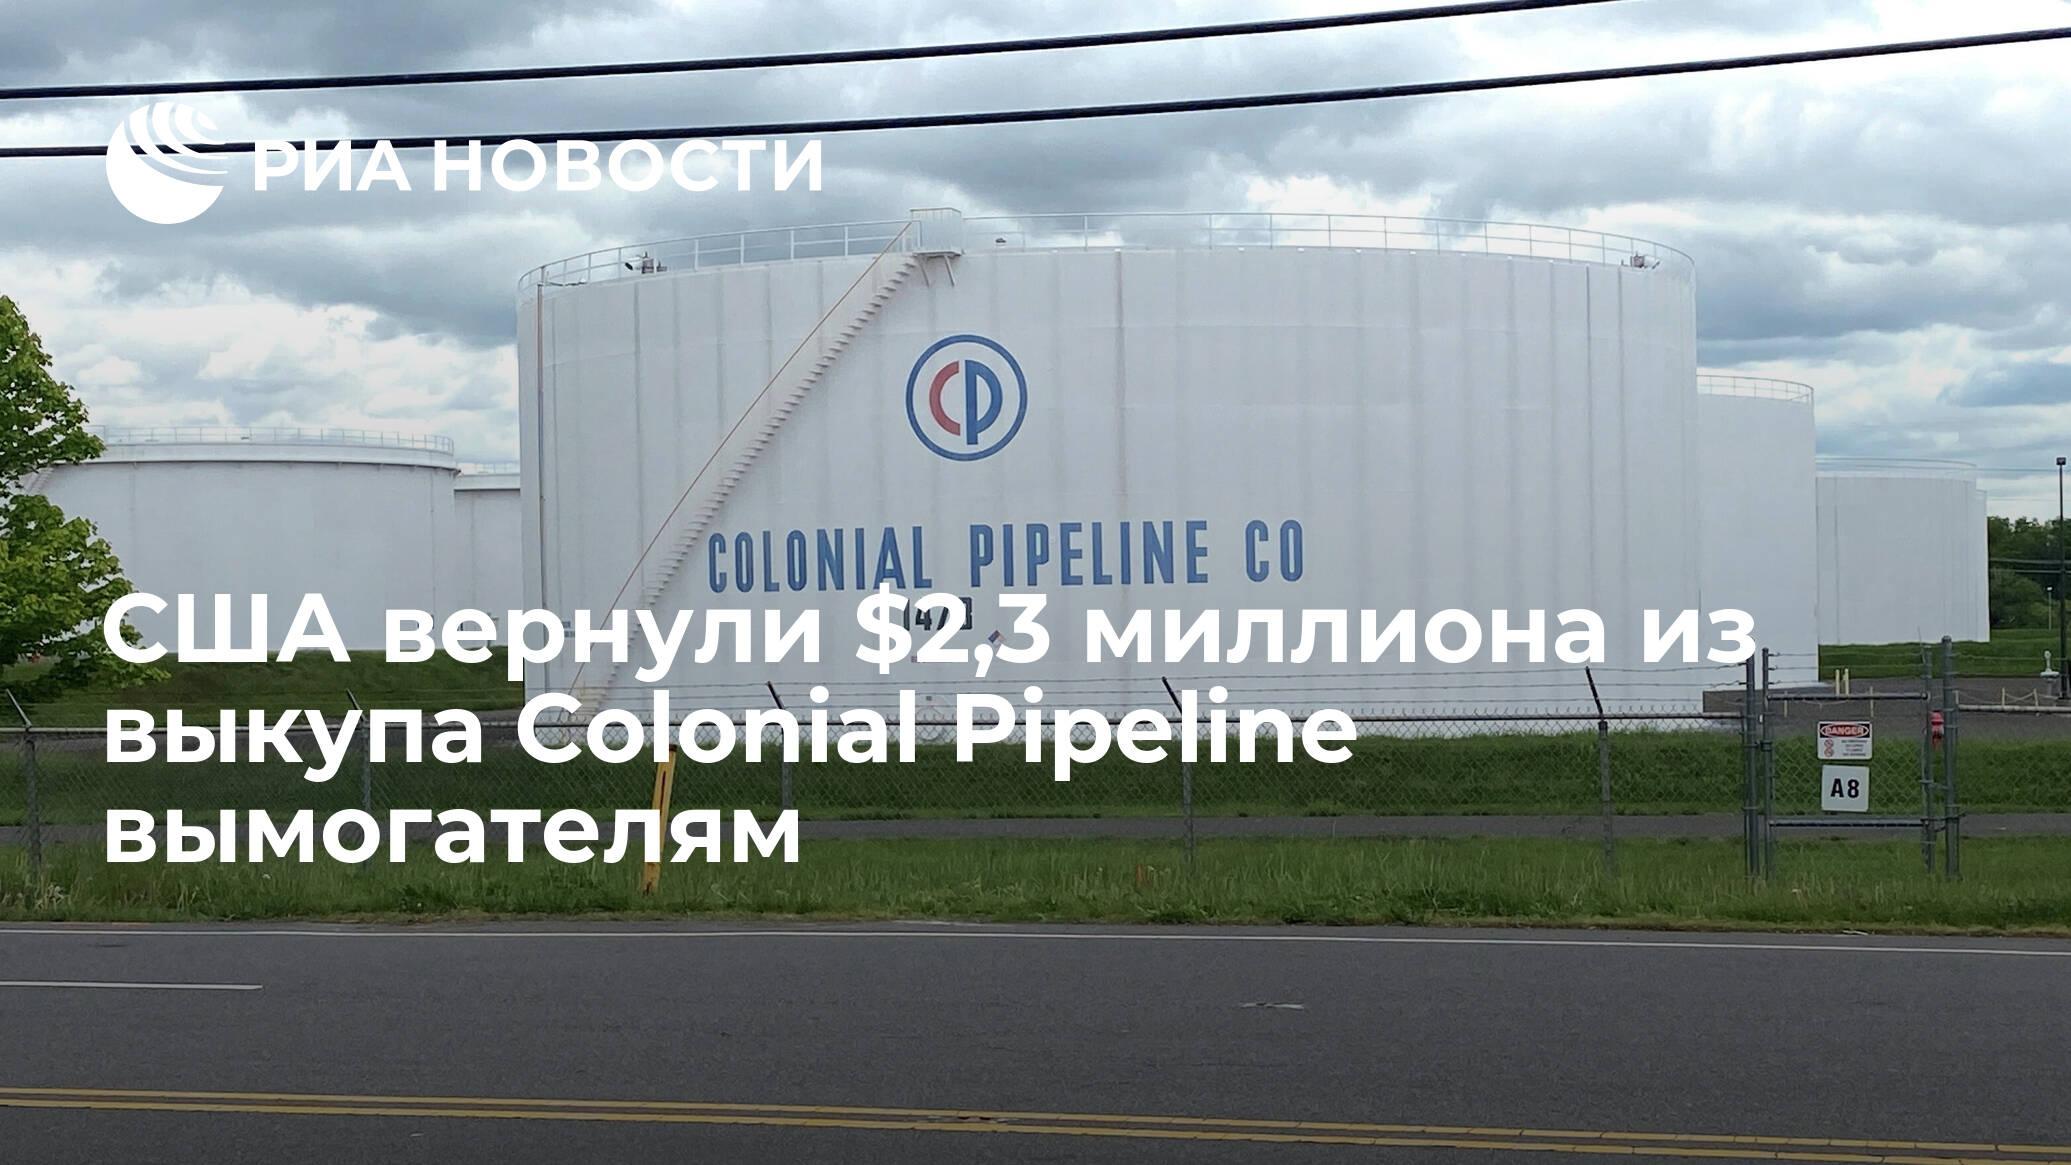 США вернули $2,3 миллиона из выкупа Colonial Pipeline вымогателям